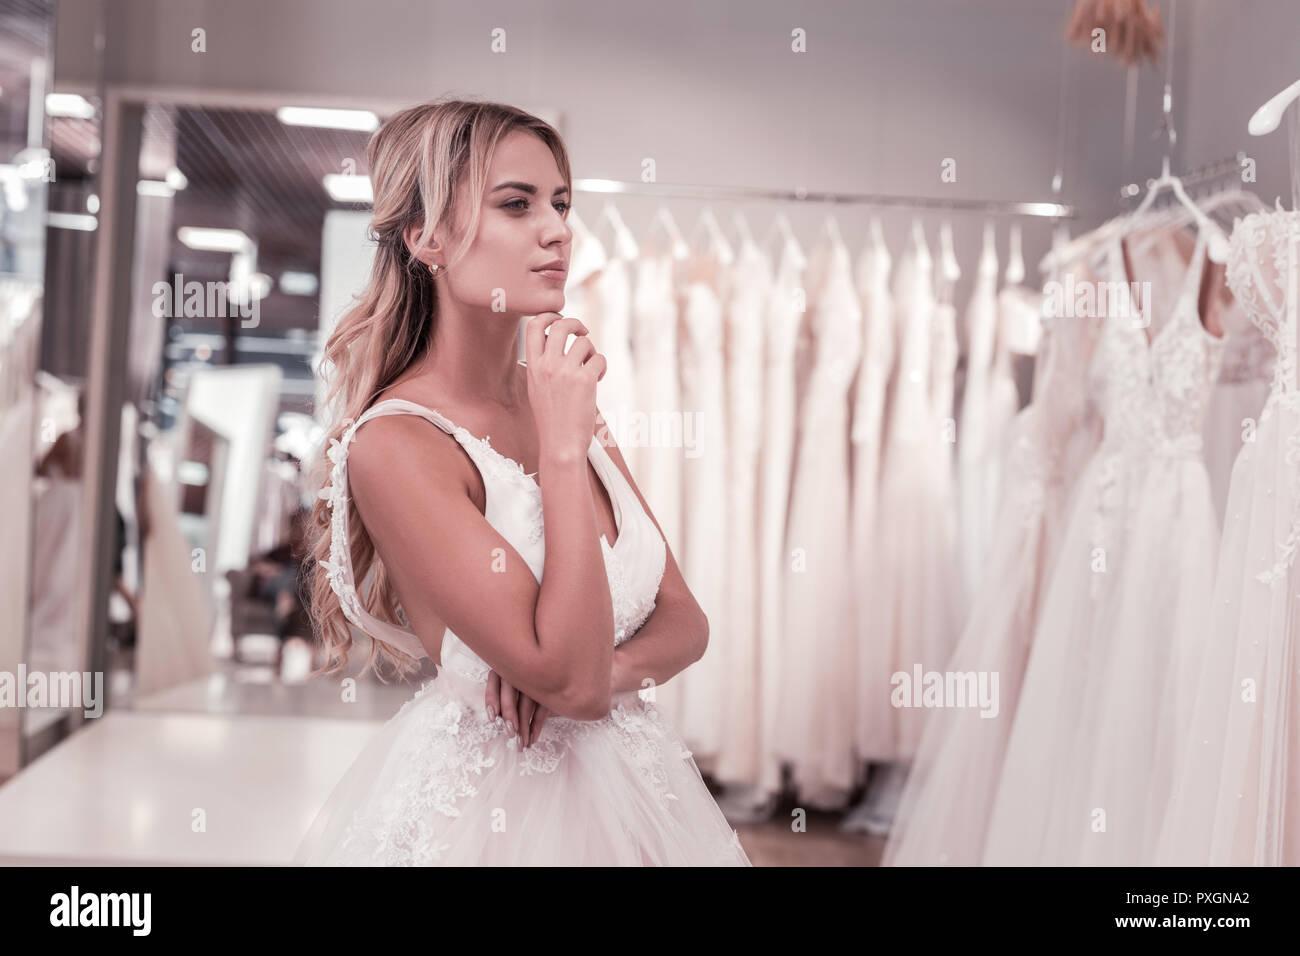 amp; Design Dresses Alamy Images Photos EFUEBc7q